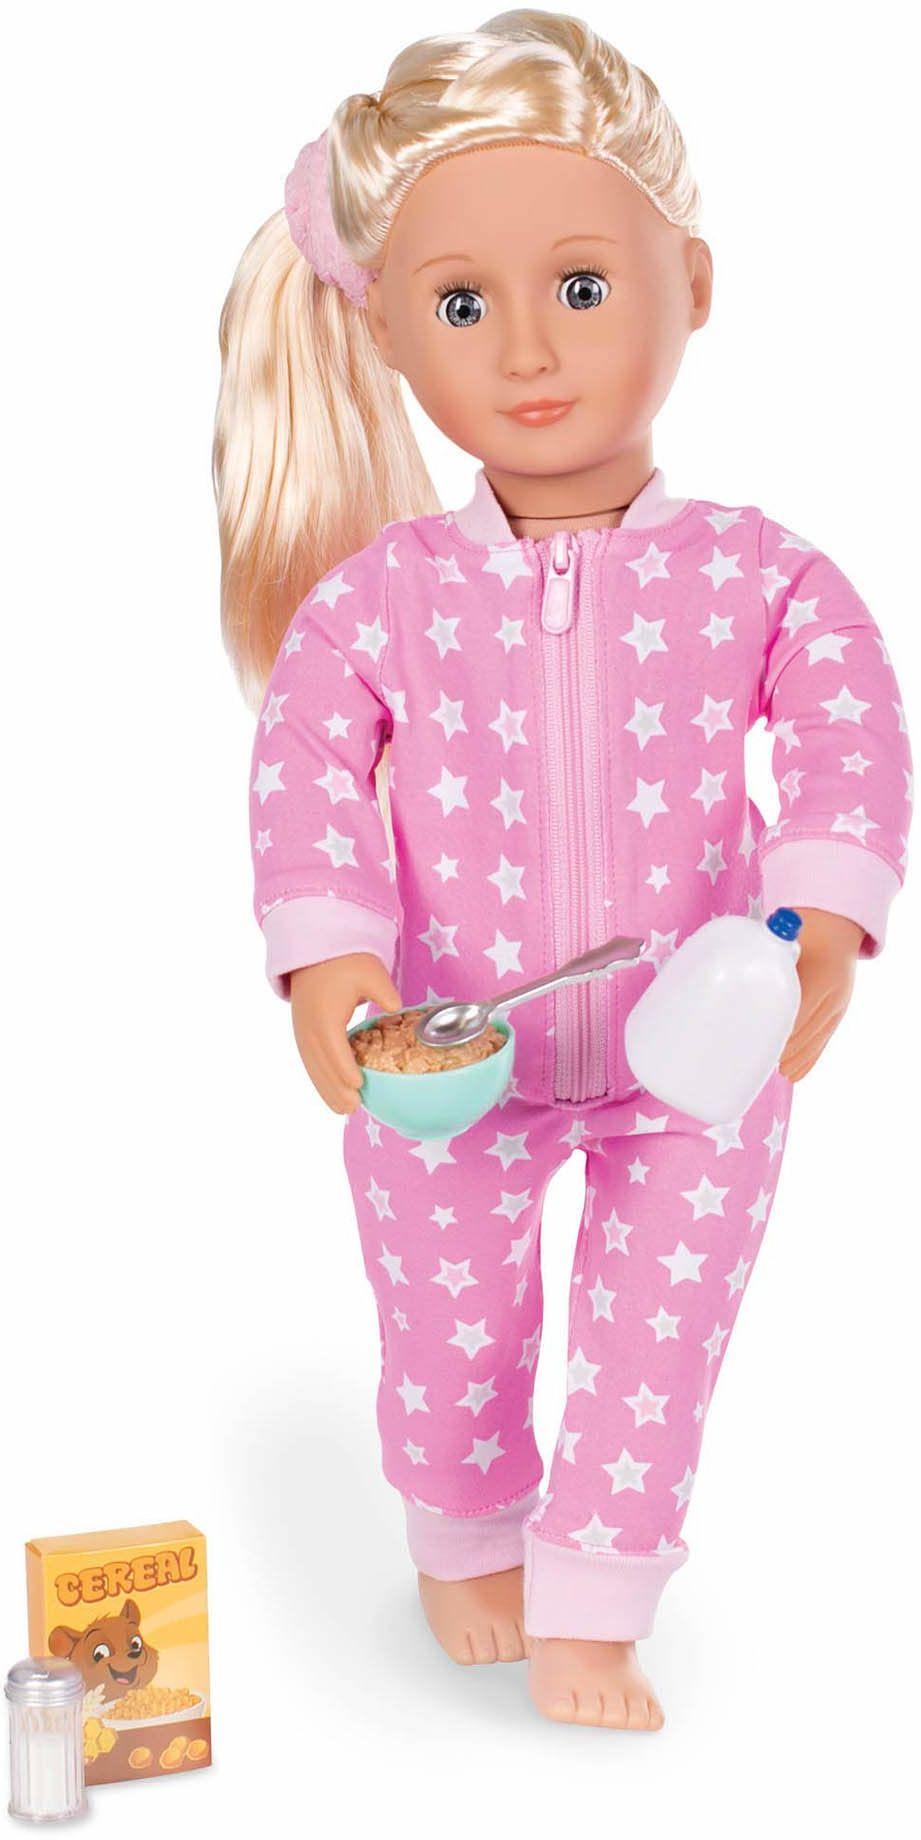 Our Generation BD30259Z Ubrania - Onesies Funzies-Piżama strój dla lalek w wieku 3, 4, różowy i biały, nadruk w gwiazdach